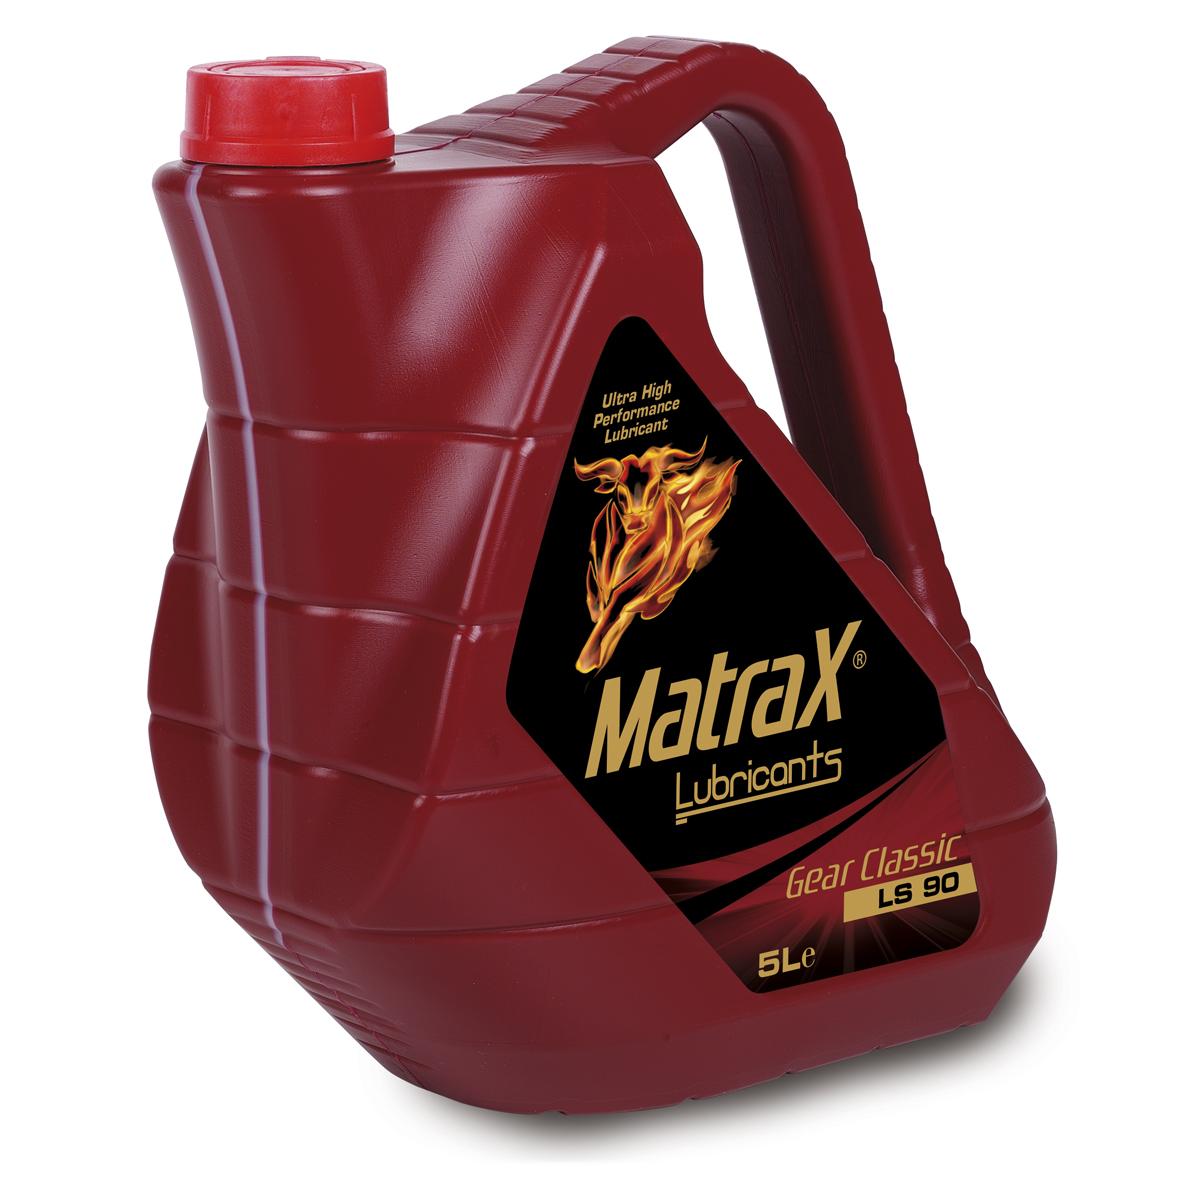 MatraX Gear Classic LS 90